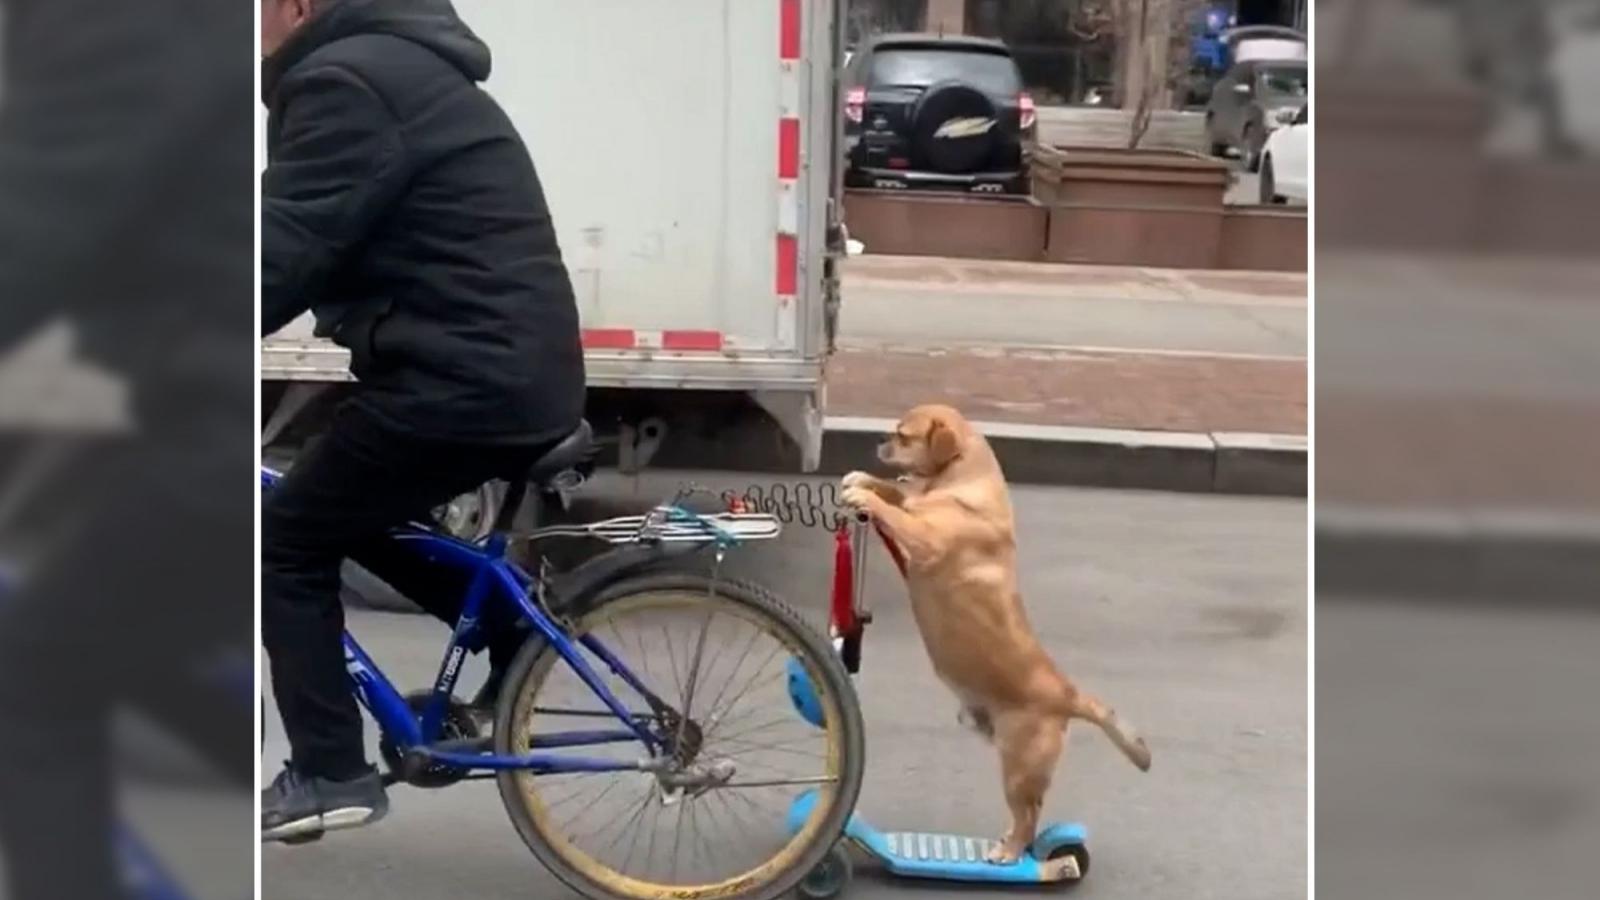 Chú chó giữ thăng bằng trên xe scooter cực kỳ điêu luyện